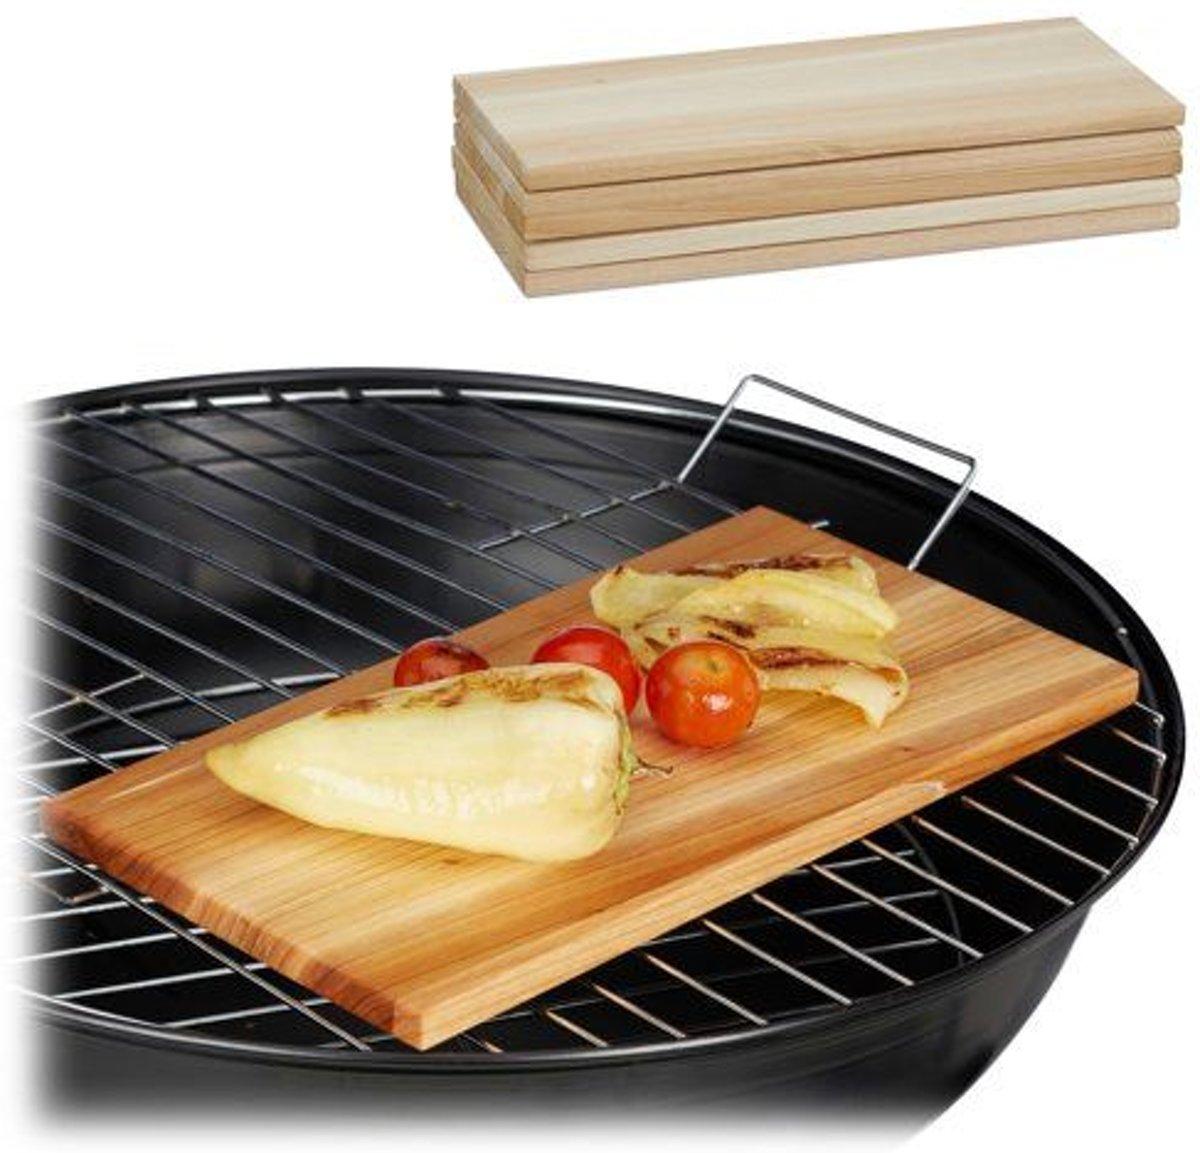 relaxdays rookplank cederhout - set van 6 stuks - zalmplank - barbecueplank - houtplank kopen